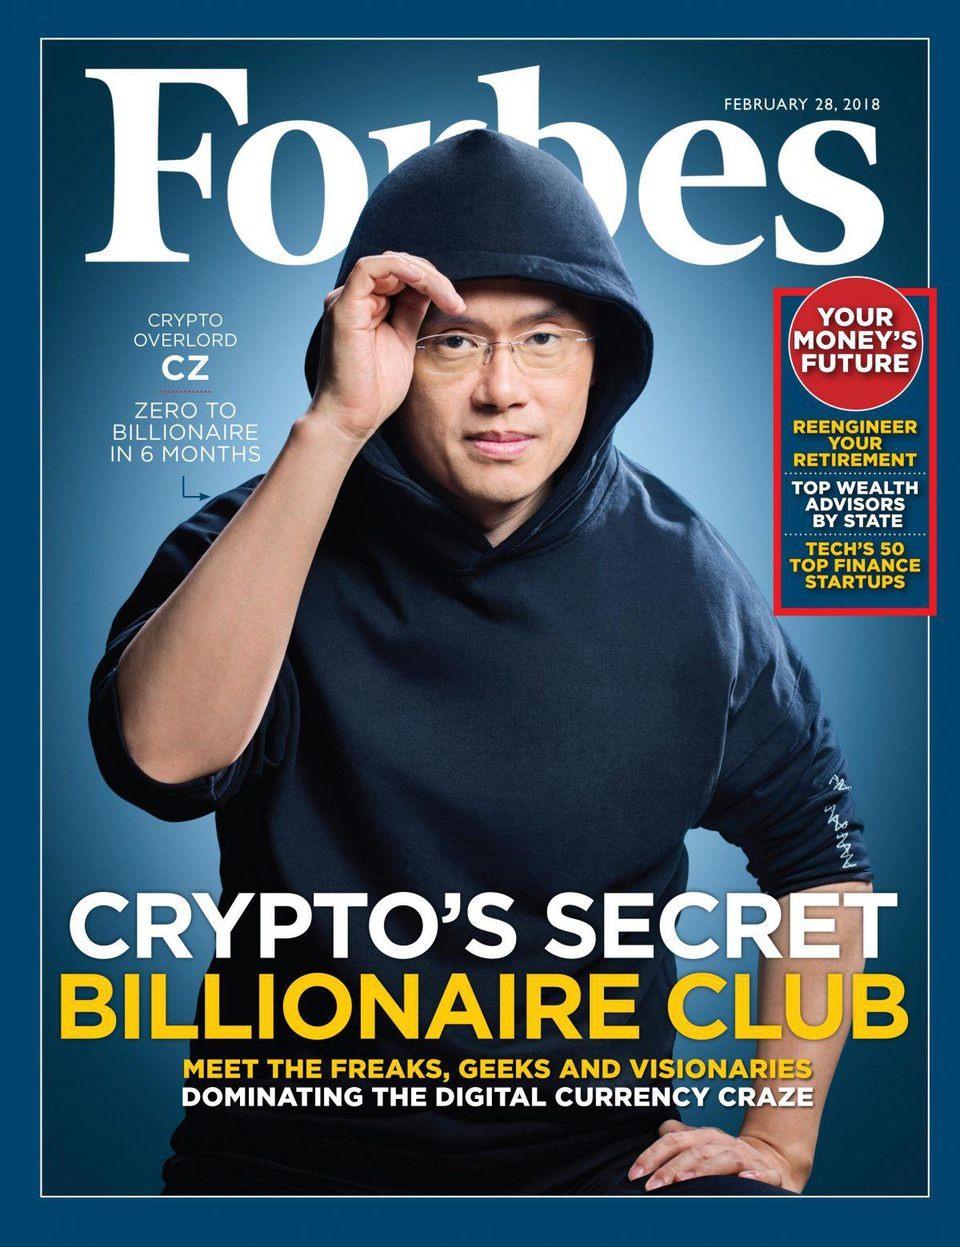 Changpeng Zhao, 41 tuổi, người sáng lập sàn giao dịch tiền ảo lớn nhất thế giới Binance từng được lên trang bìa tạp chí Forbes vì góp mặt trong câu lạc bộ tỉ phú tiền ảo bí mật.